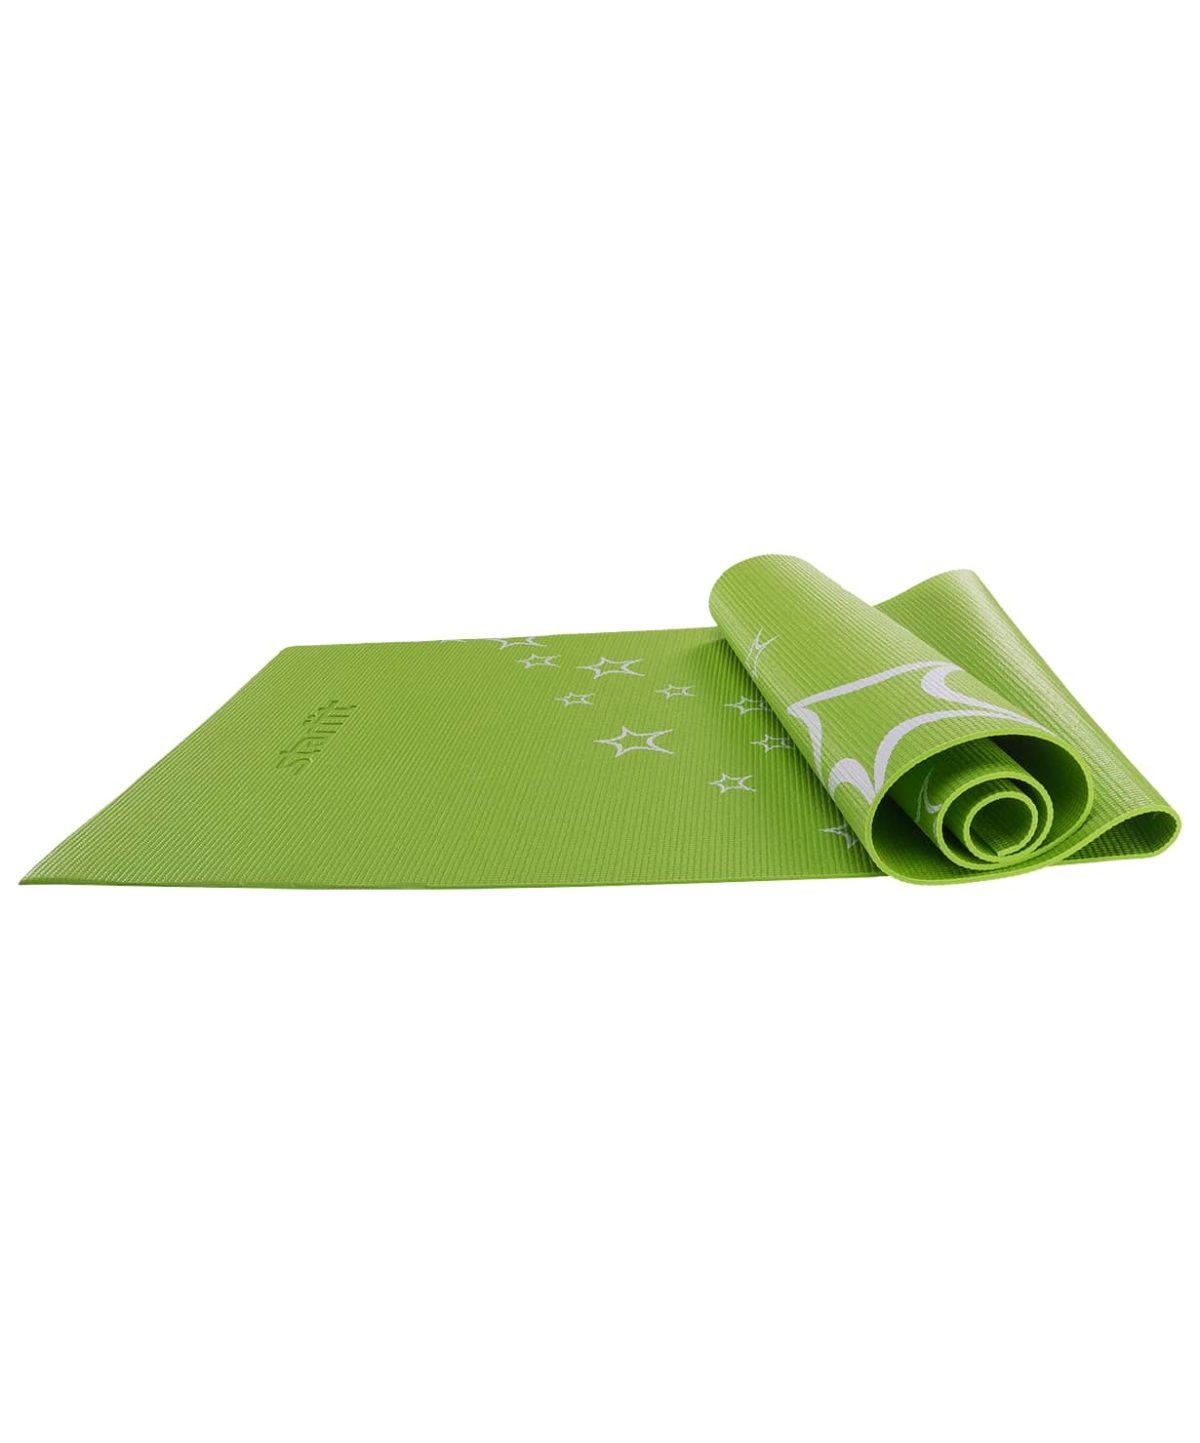 STARFIT Коврик для йоги с рисунком FM-102 173х61х0,5см: зелёный - 1